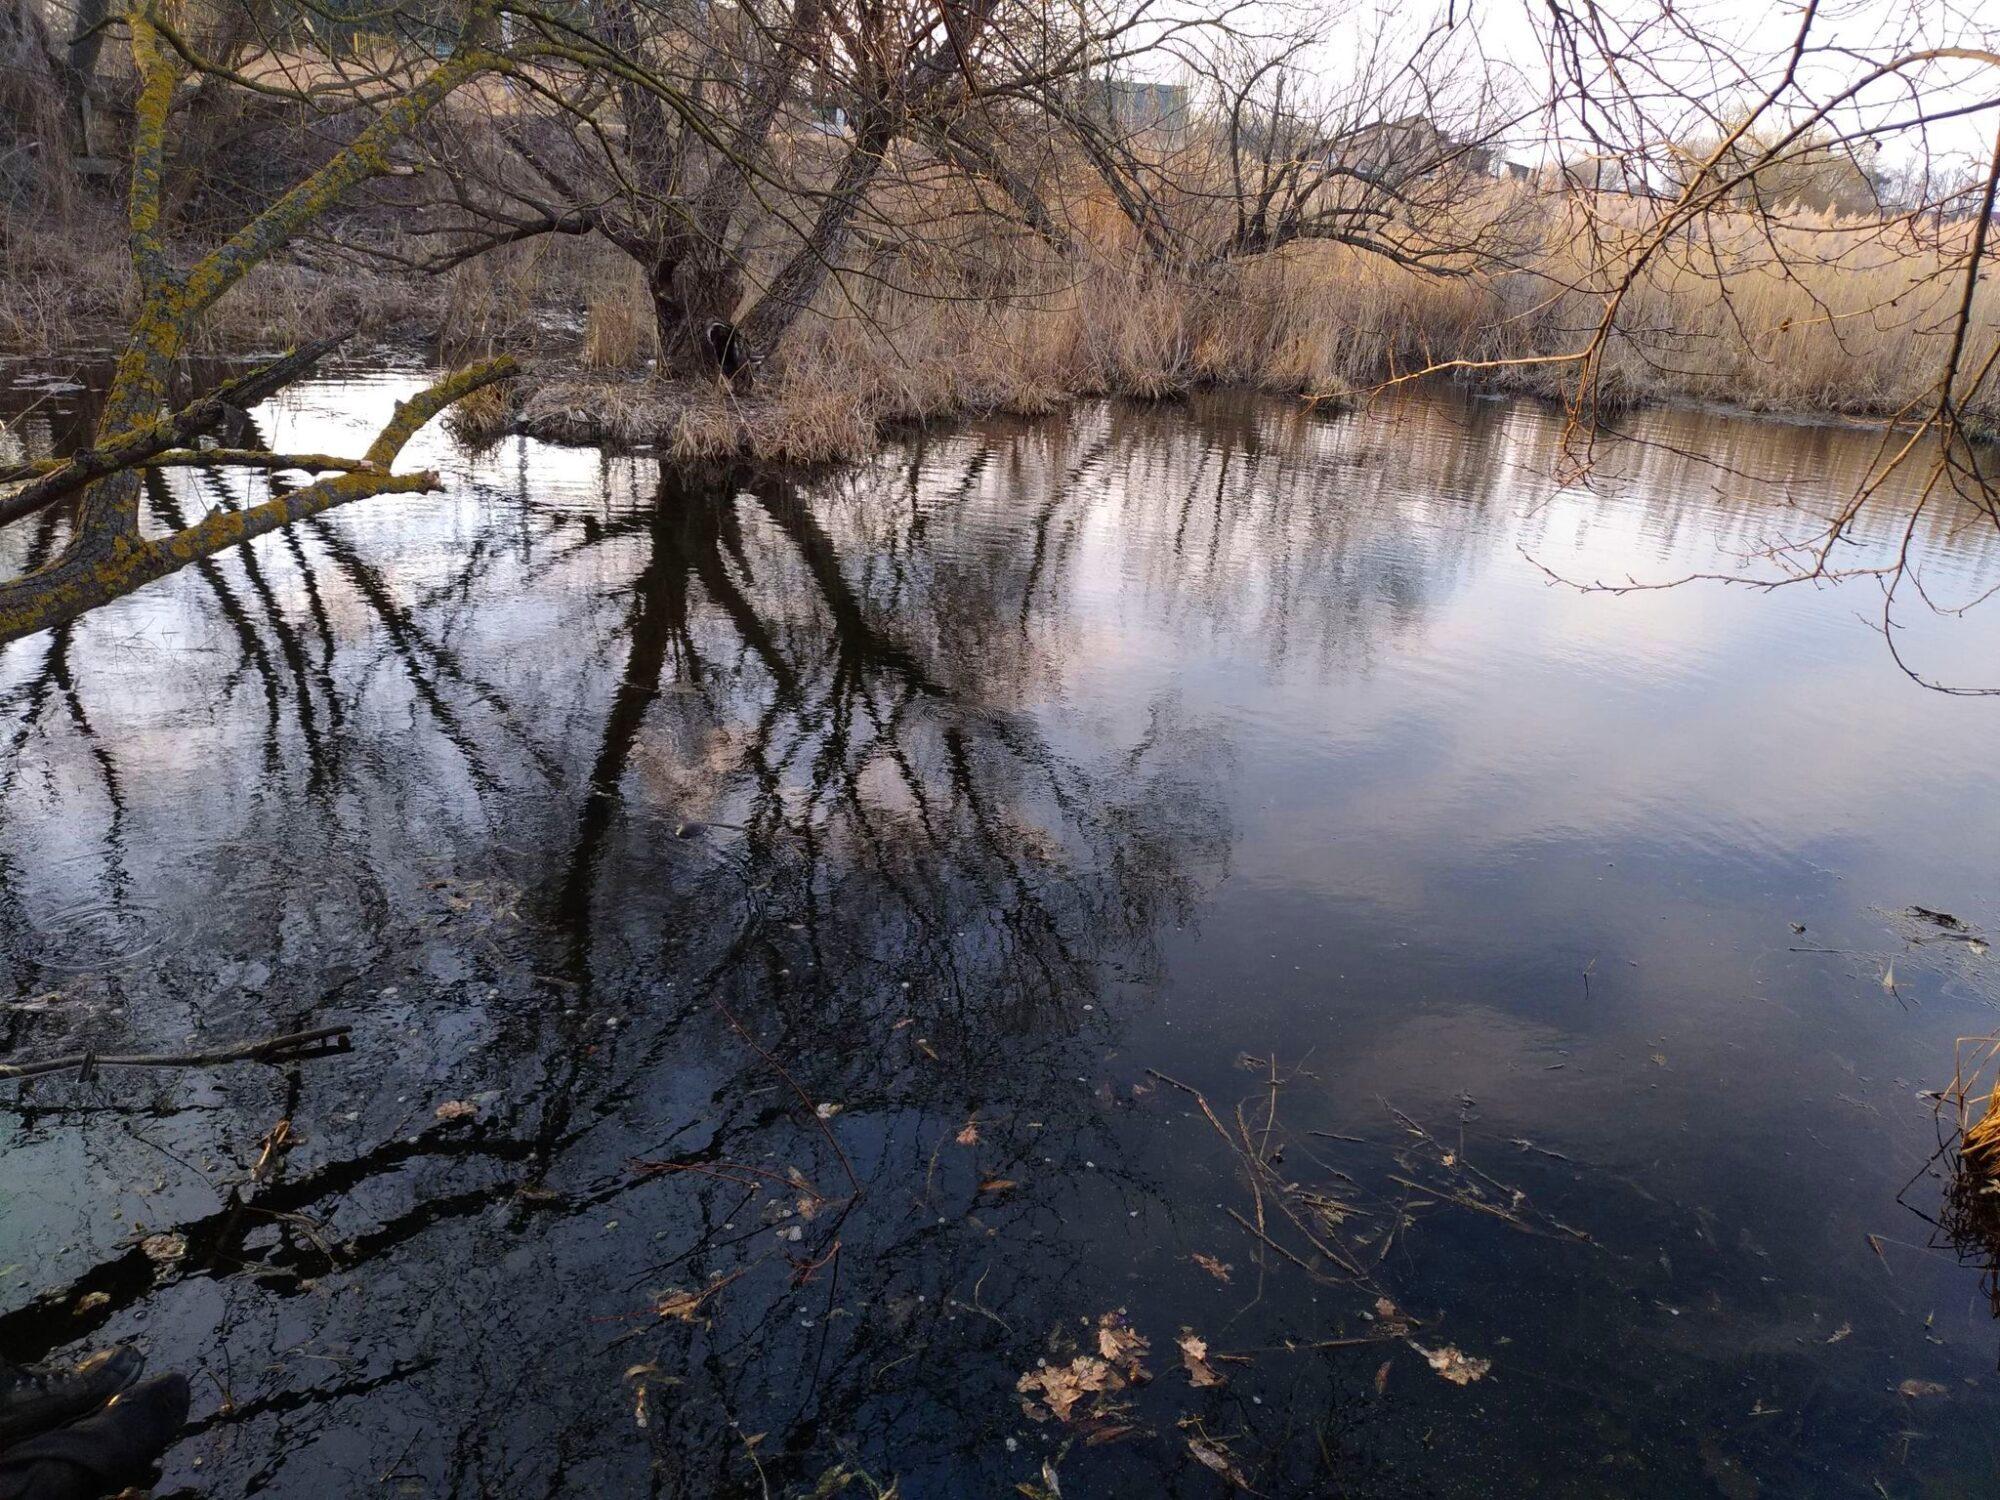 В одному із озер у Бучансьвому районі знайшли тіло потопельника - тіло, потопельник, озеро, Микуличі, Бучанський район - 163826891 449344819619364 4805787842517452014 n 2000x1500